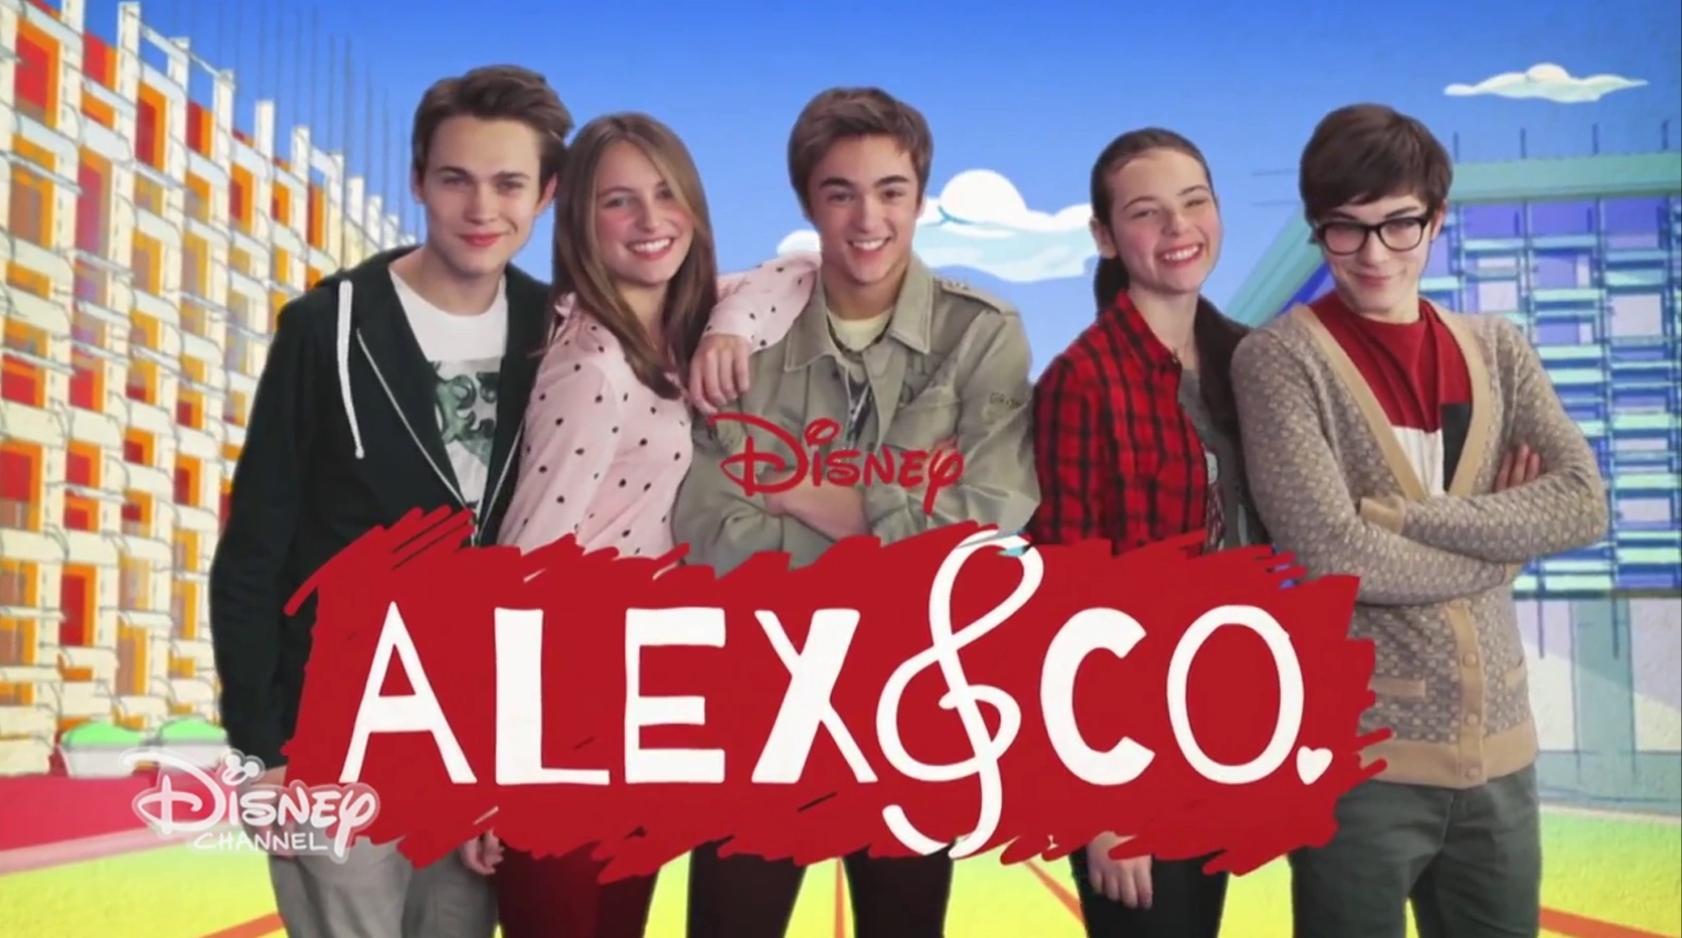 Alex & Co: Sezonul 2 Episodul 5 Online Dublat